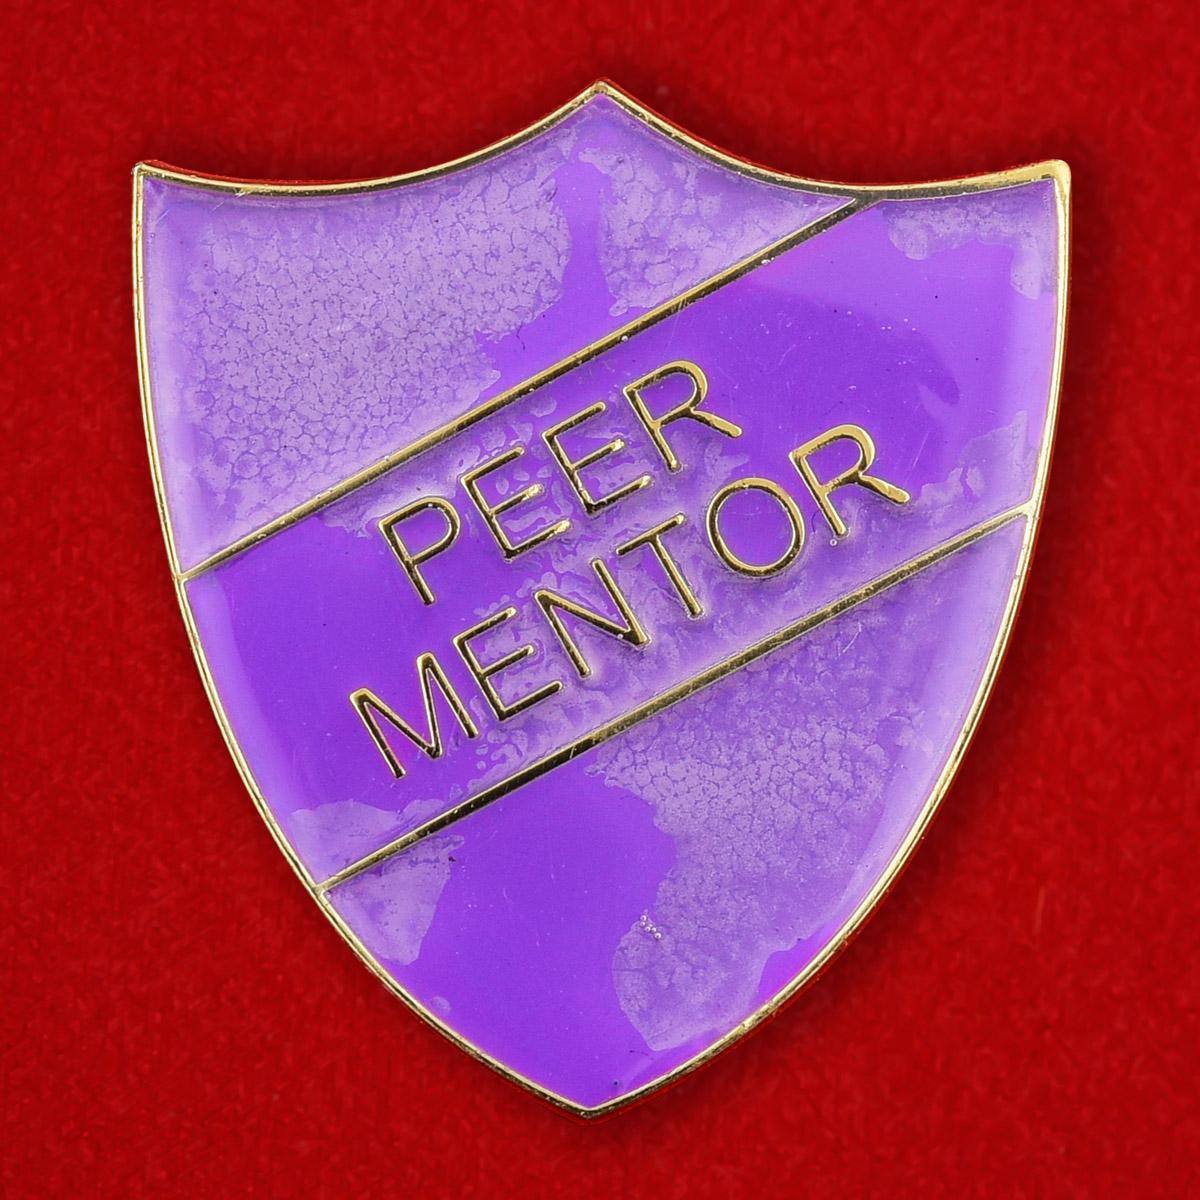 """Американскай значок наставника молодежи """"Peer Mentor"""""""